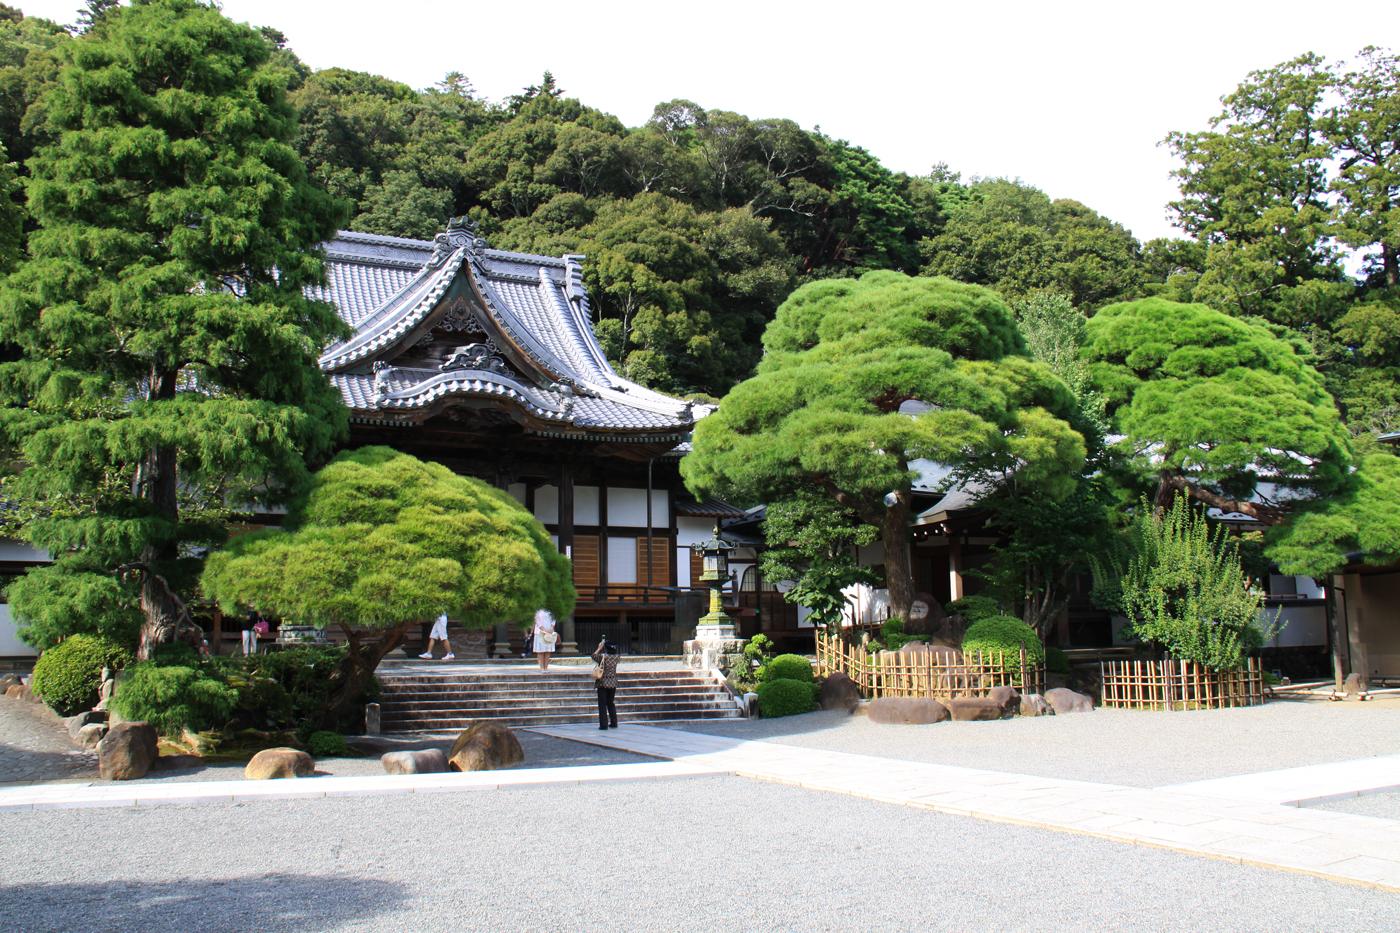 修禅寺 CC BY-SA